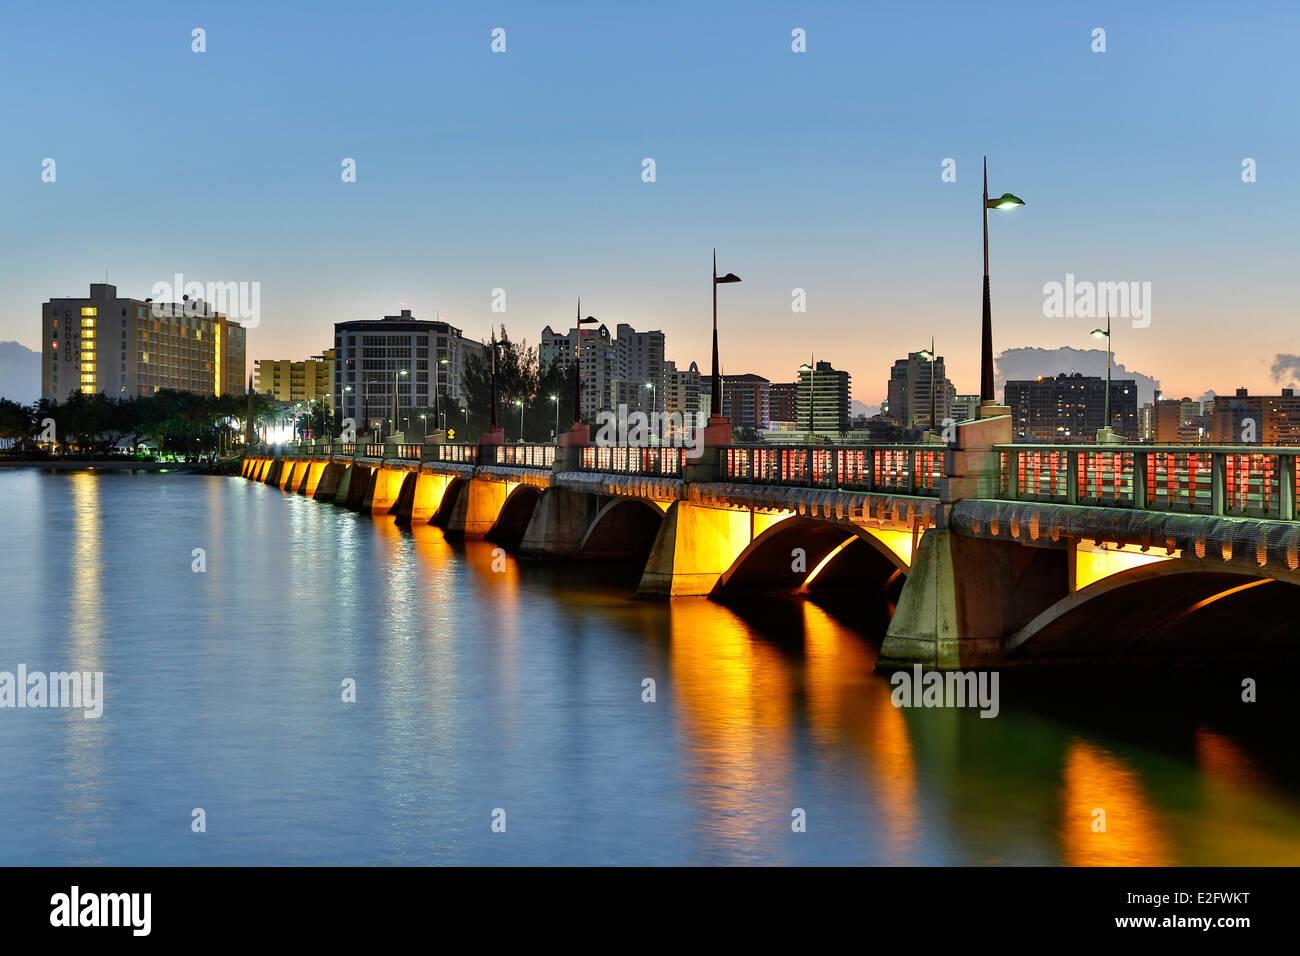 El Condado Lagoon, Dos Hermanos Bridge and skyline, El Condado, San Juan, Puerto Rico - Stock Image